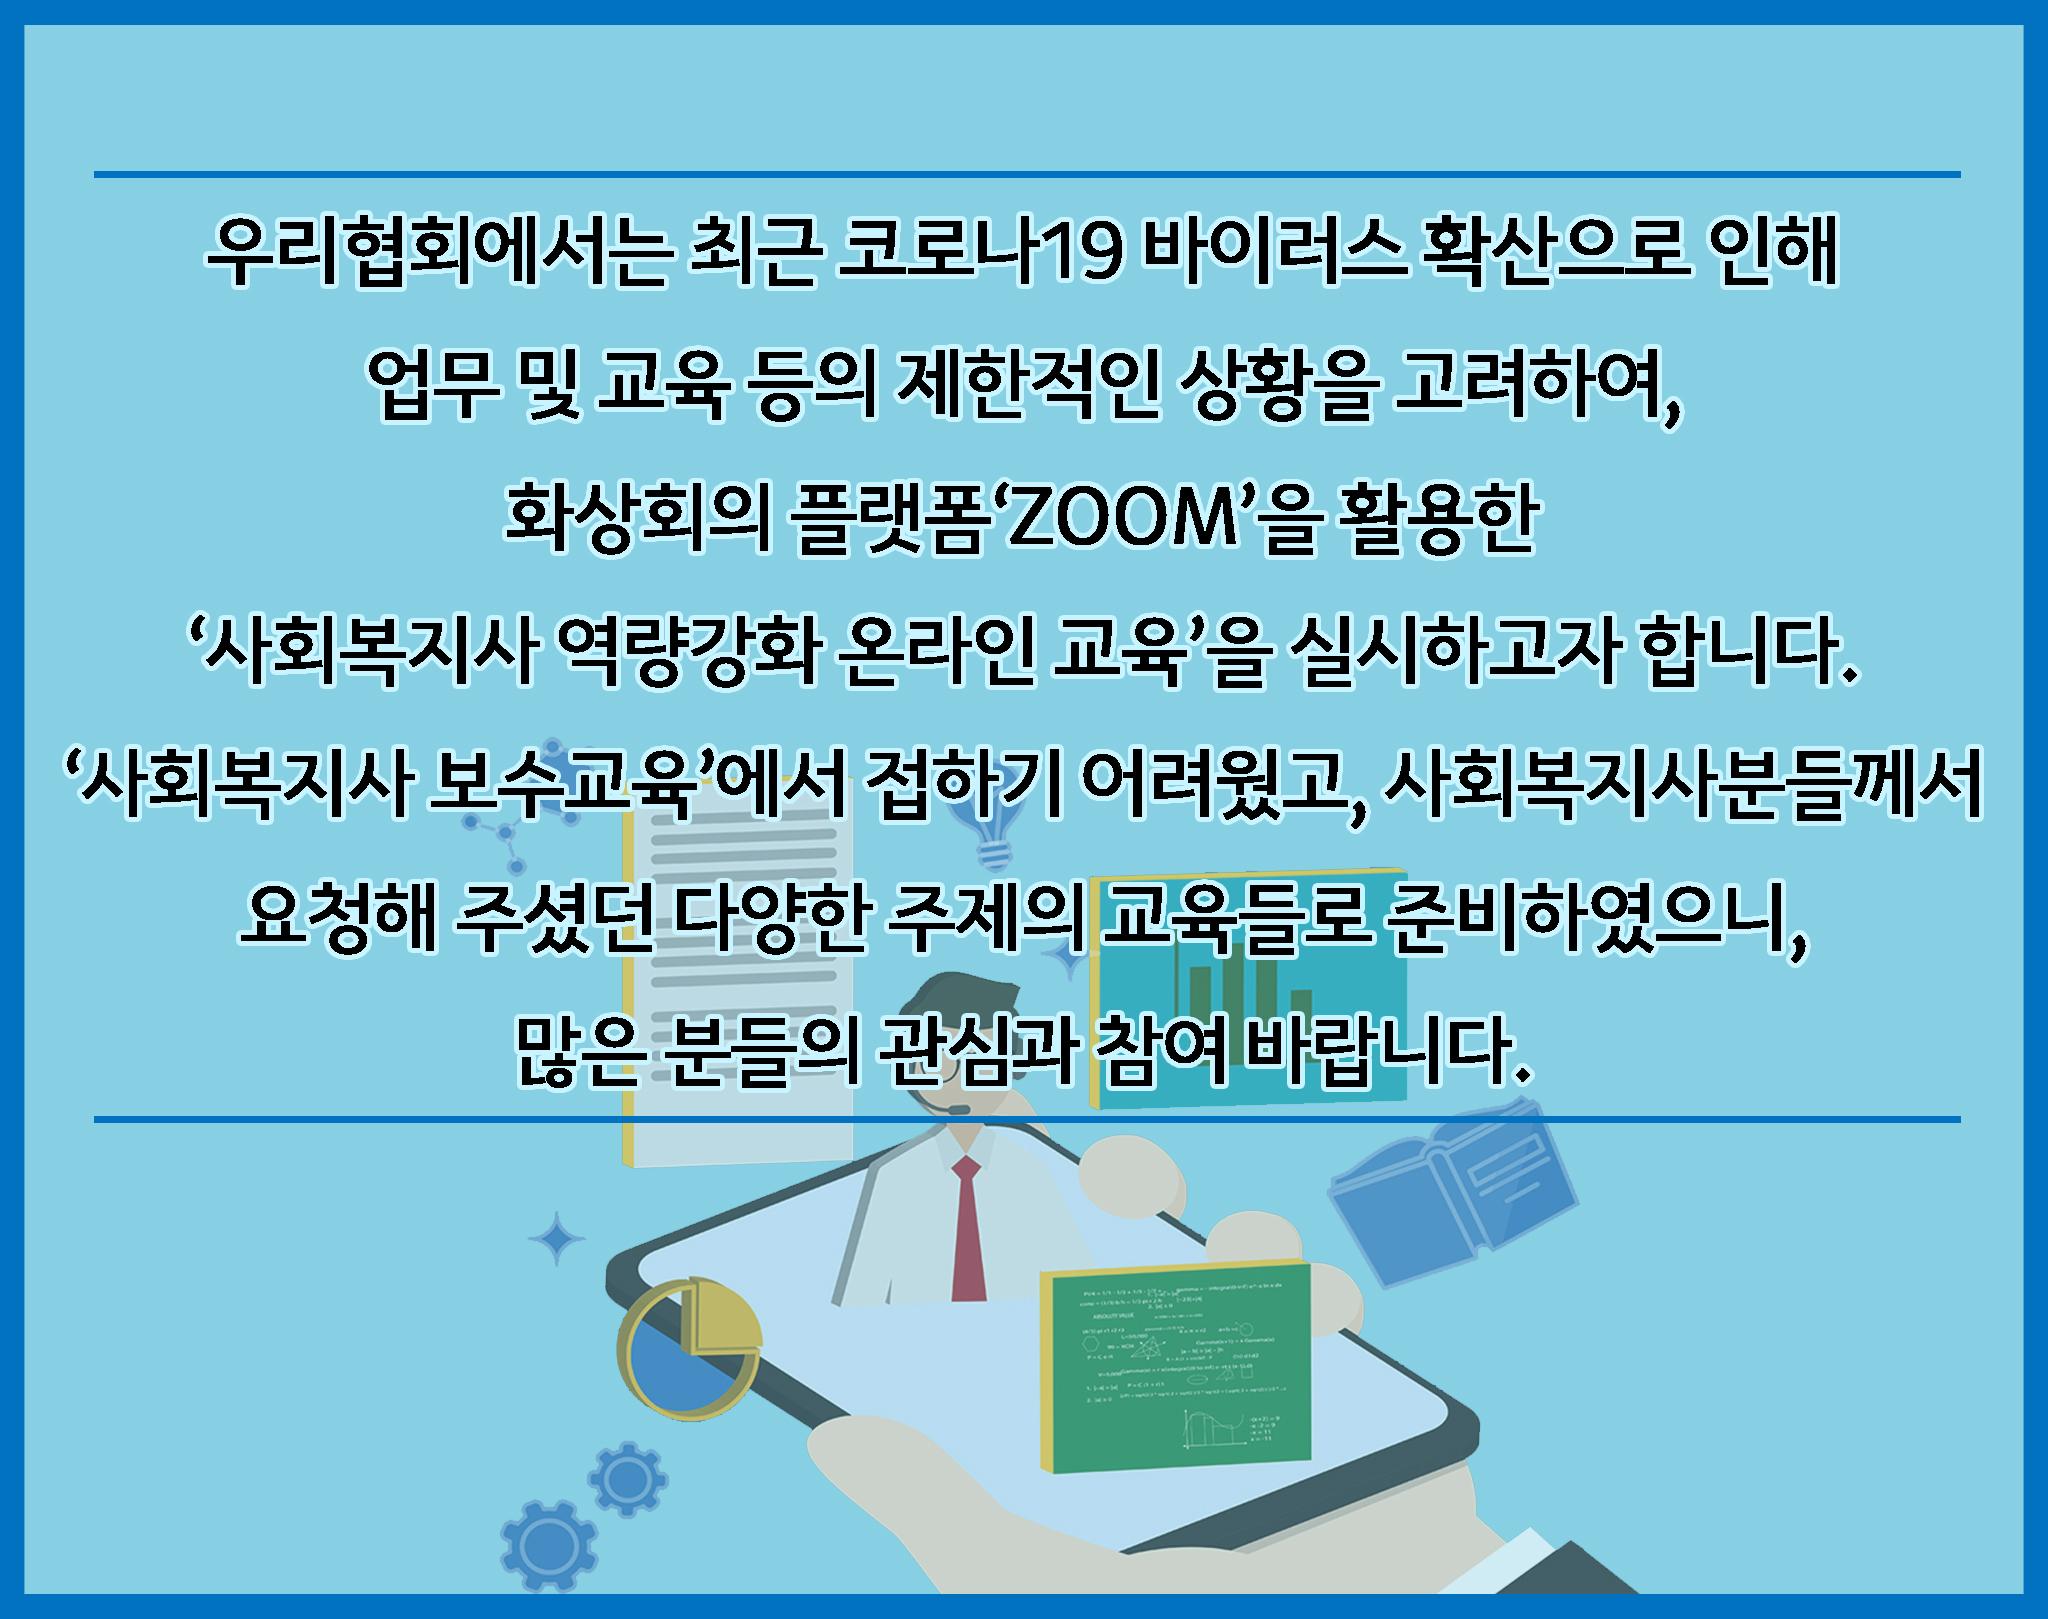 사회복지사 역량강화 온라인 교육 실시 안내-2.jpg